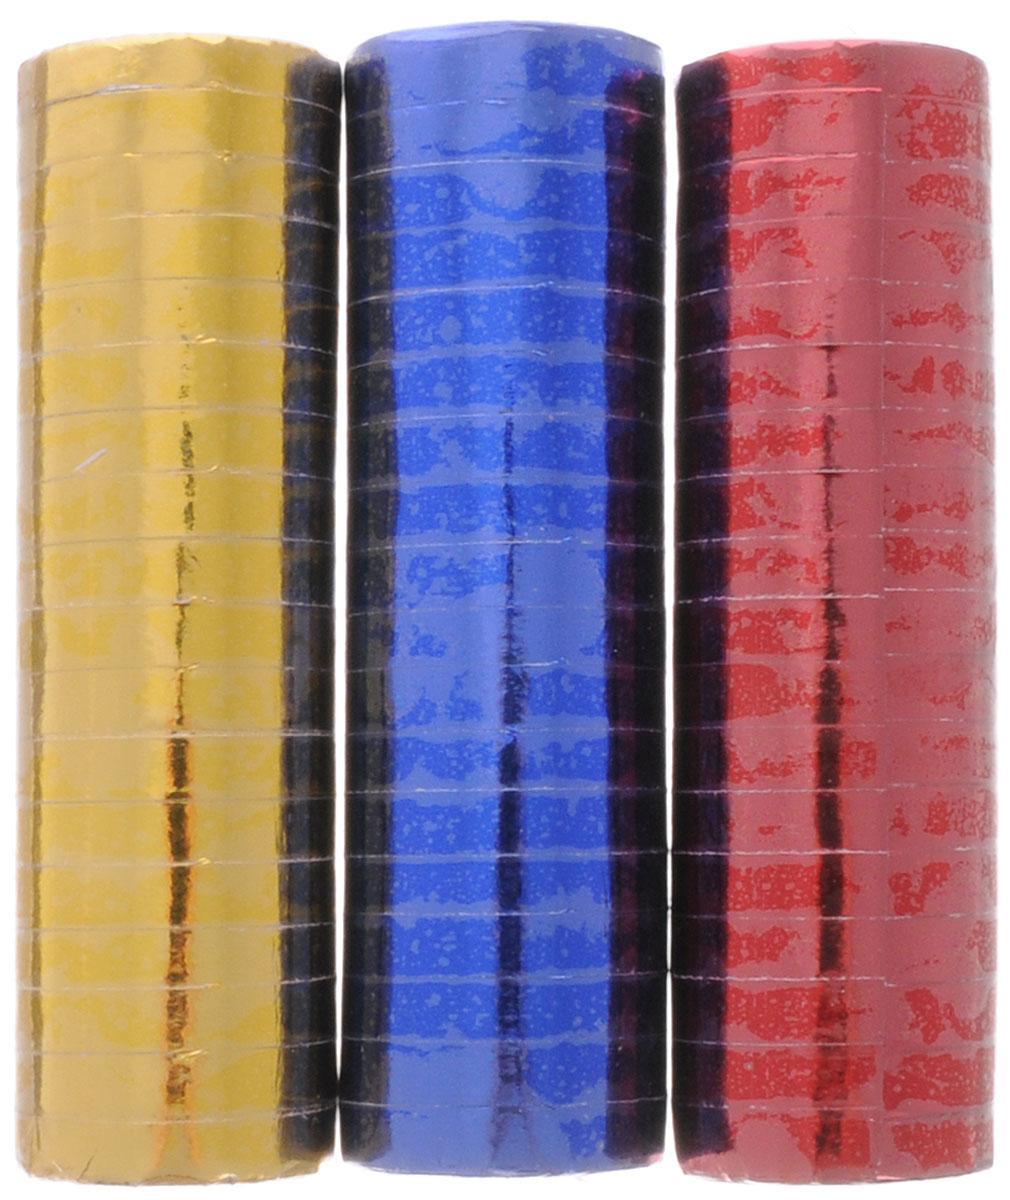 """Фольгированный серпантин """"Action"""" - разноцветные узкие бумажные ленты, свернутые в рулончики. Их можно бросать в публику во время праздников, балов и маскарадов, либо развешивать в местах проведения празднеств. Серпантин уместен на торжестве любого формата."""